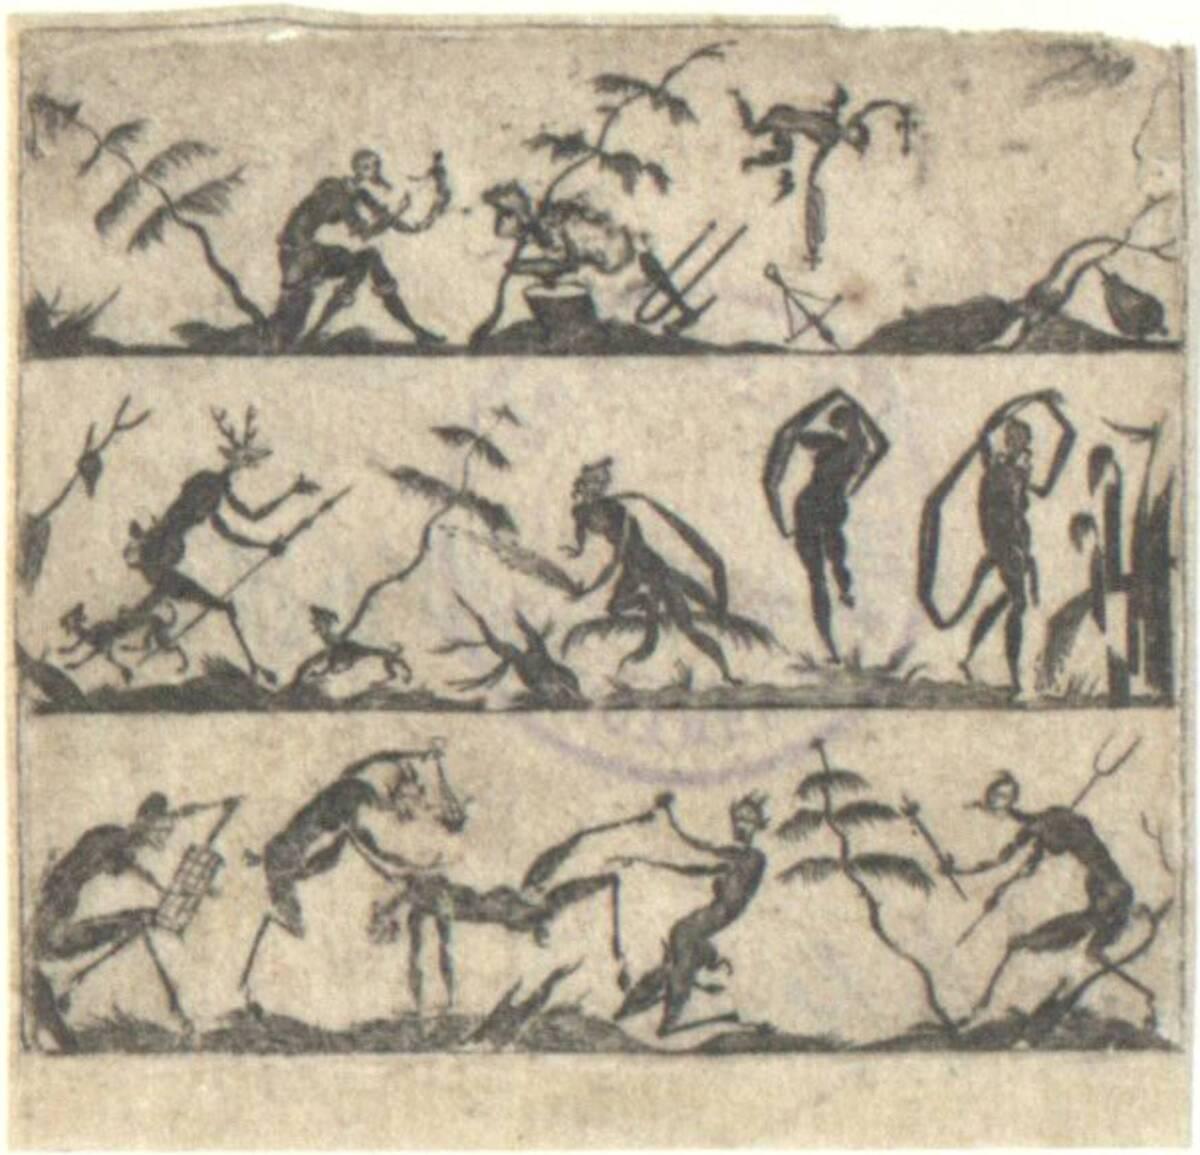 3 übereinanderliegende Friese mit silhouettierten Figuren, Vorlagen für Goldschmiedeverzierungen in Email, nach Mathias Beutler, Schwarzornament von Monogrammist A R